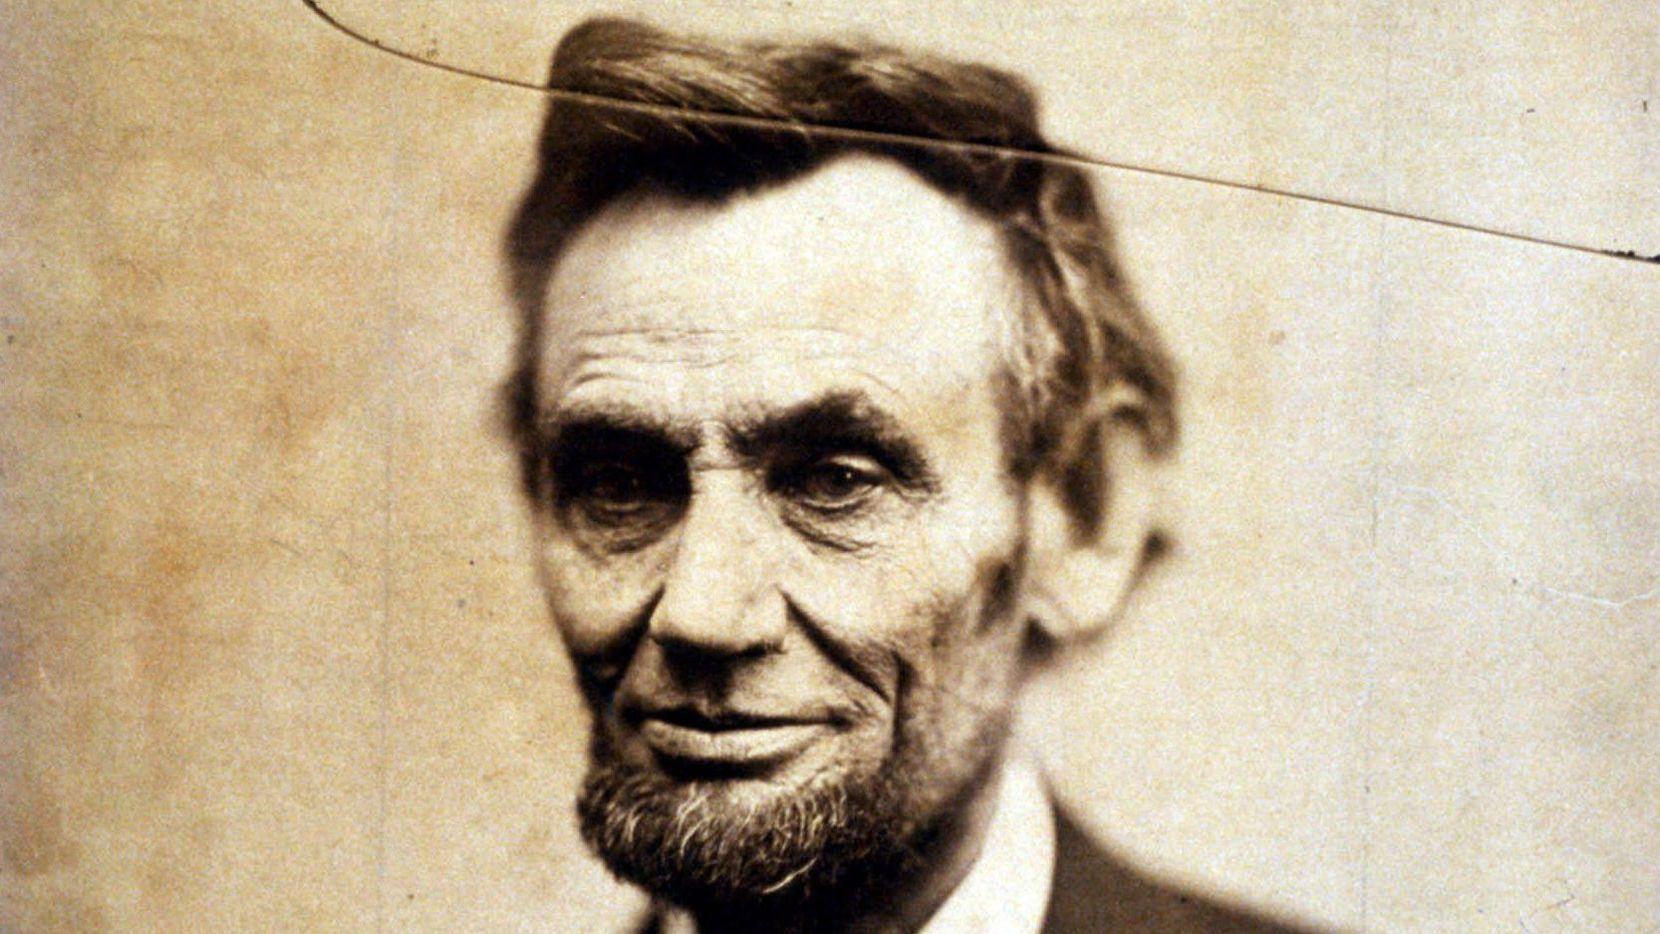 Retrato de President Abraham Lincoln tomado el 5 de febrero de 1865, ahora en exhibición en el National Portrait Gallery de Washington, D.C.